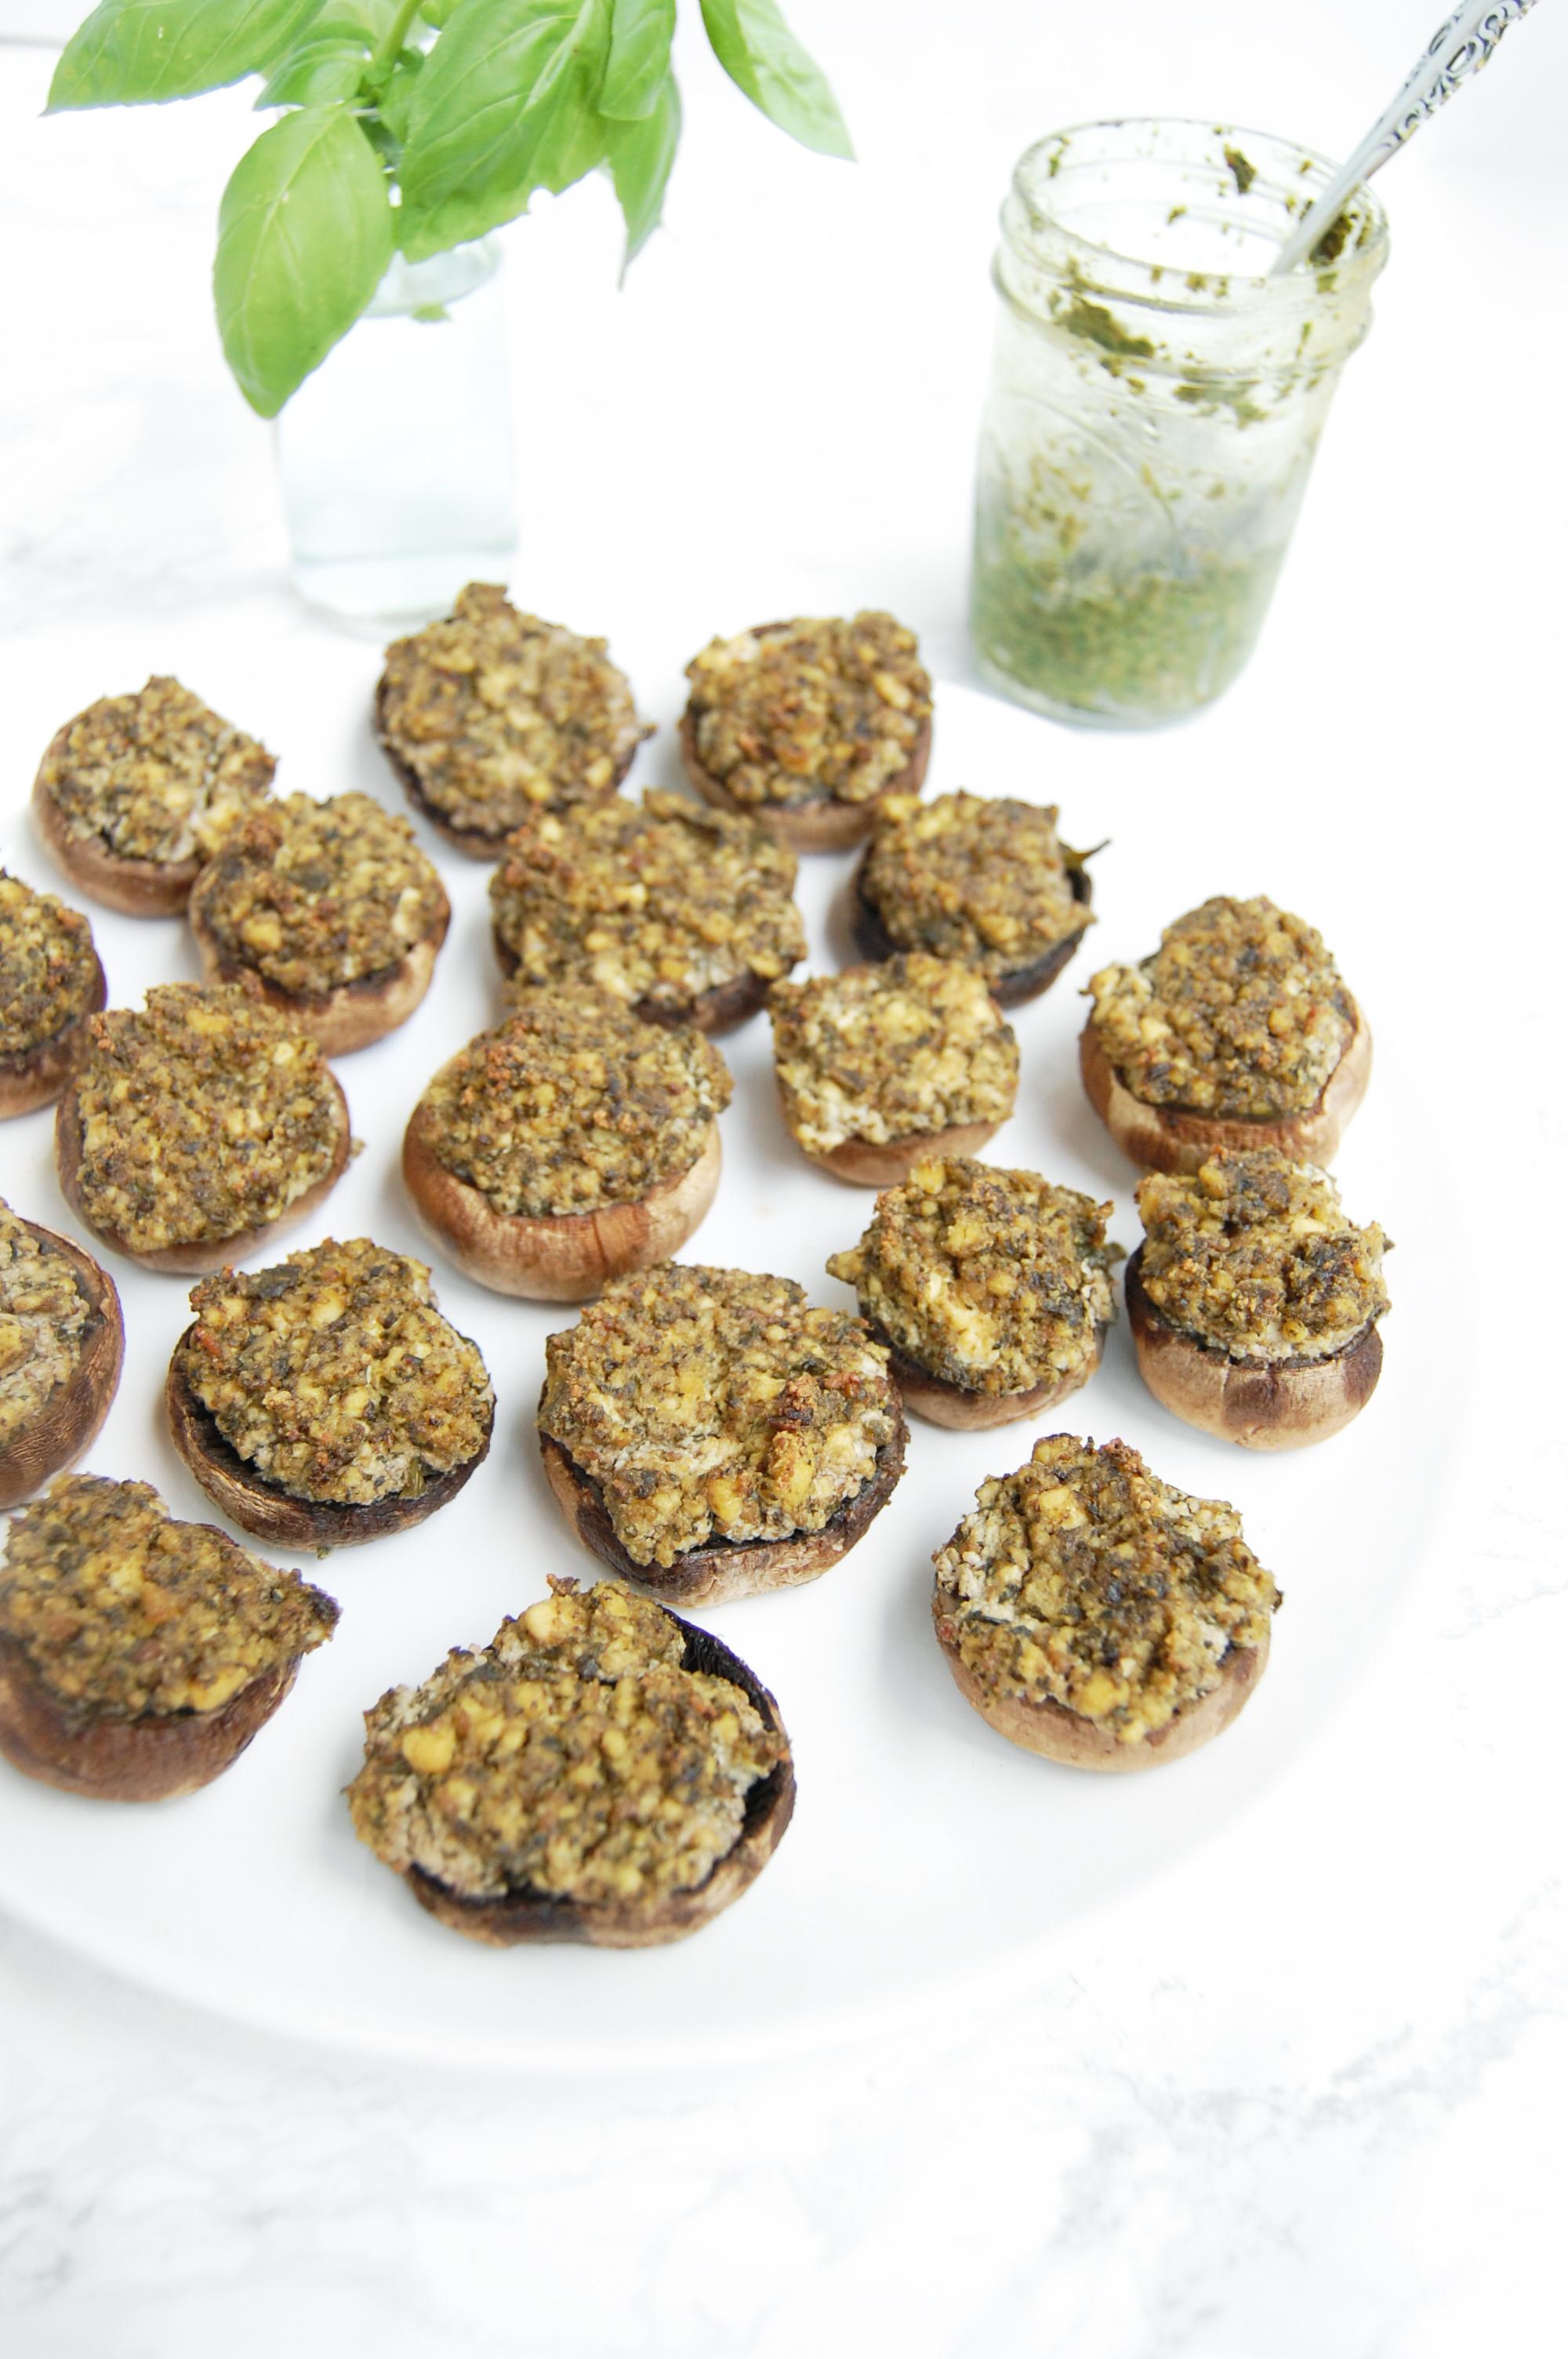 Vegan Ricotto + Pesto Stuffed Mushrooms | AreYouKitchenMe.com